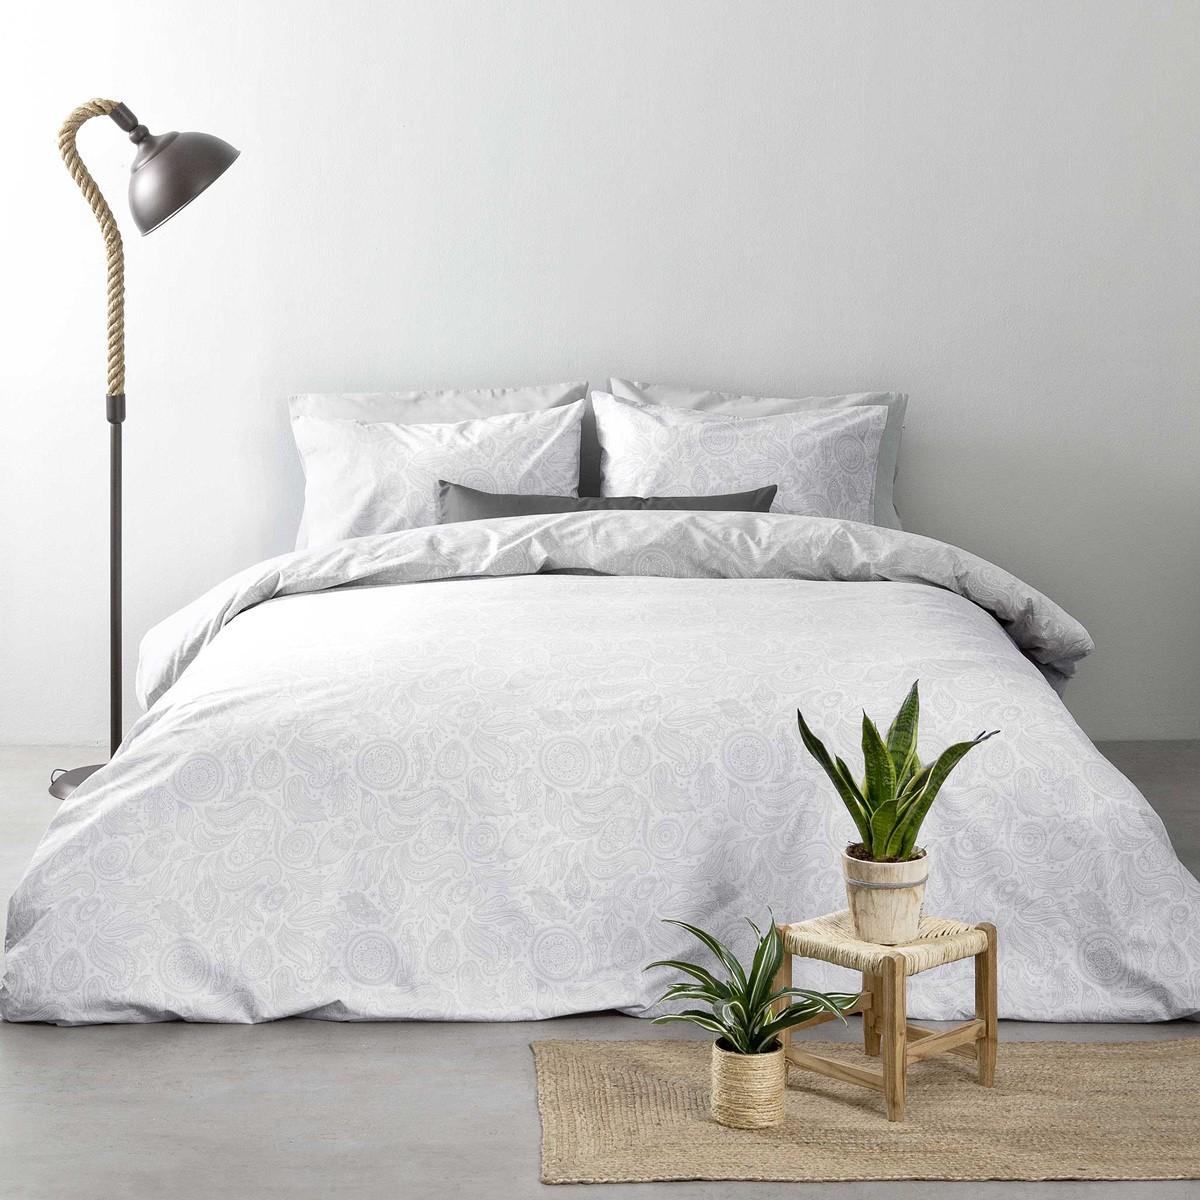 Σεντόνια Υπέρδιπλα (Σετ) Nima Bed Linen Jaipur Grey